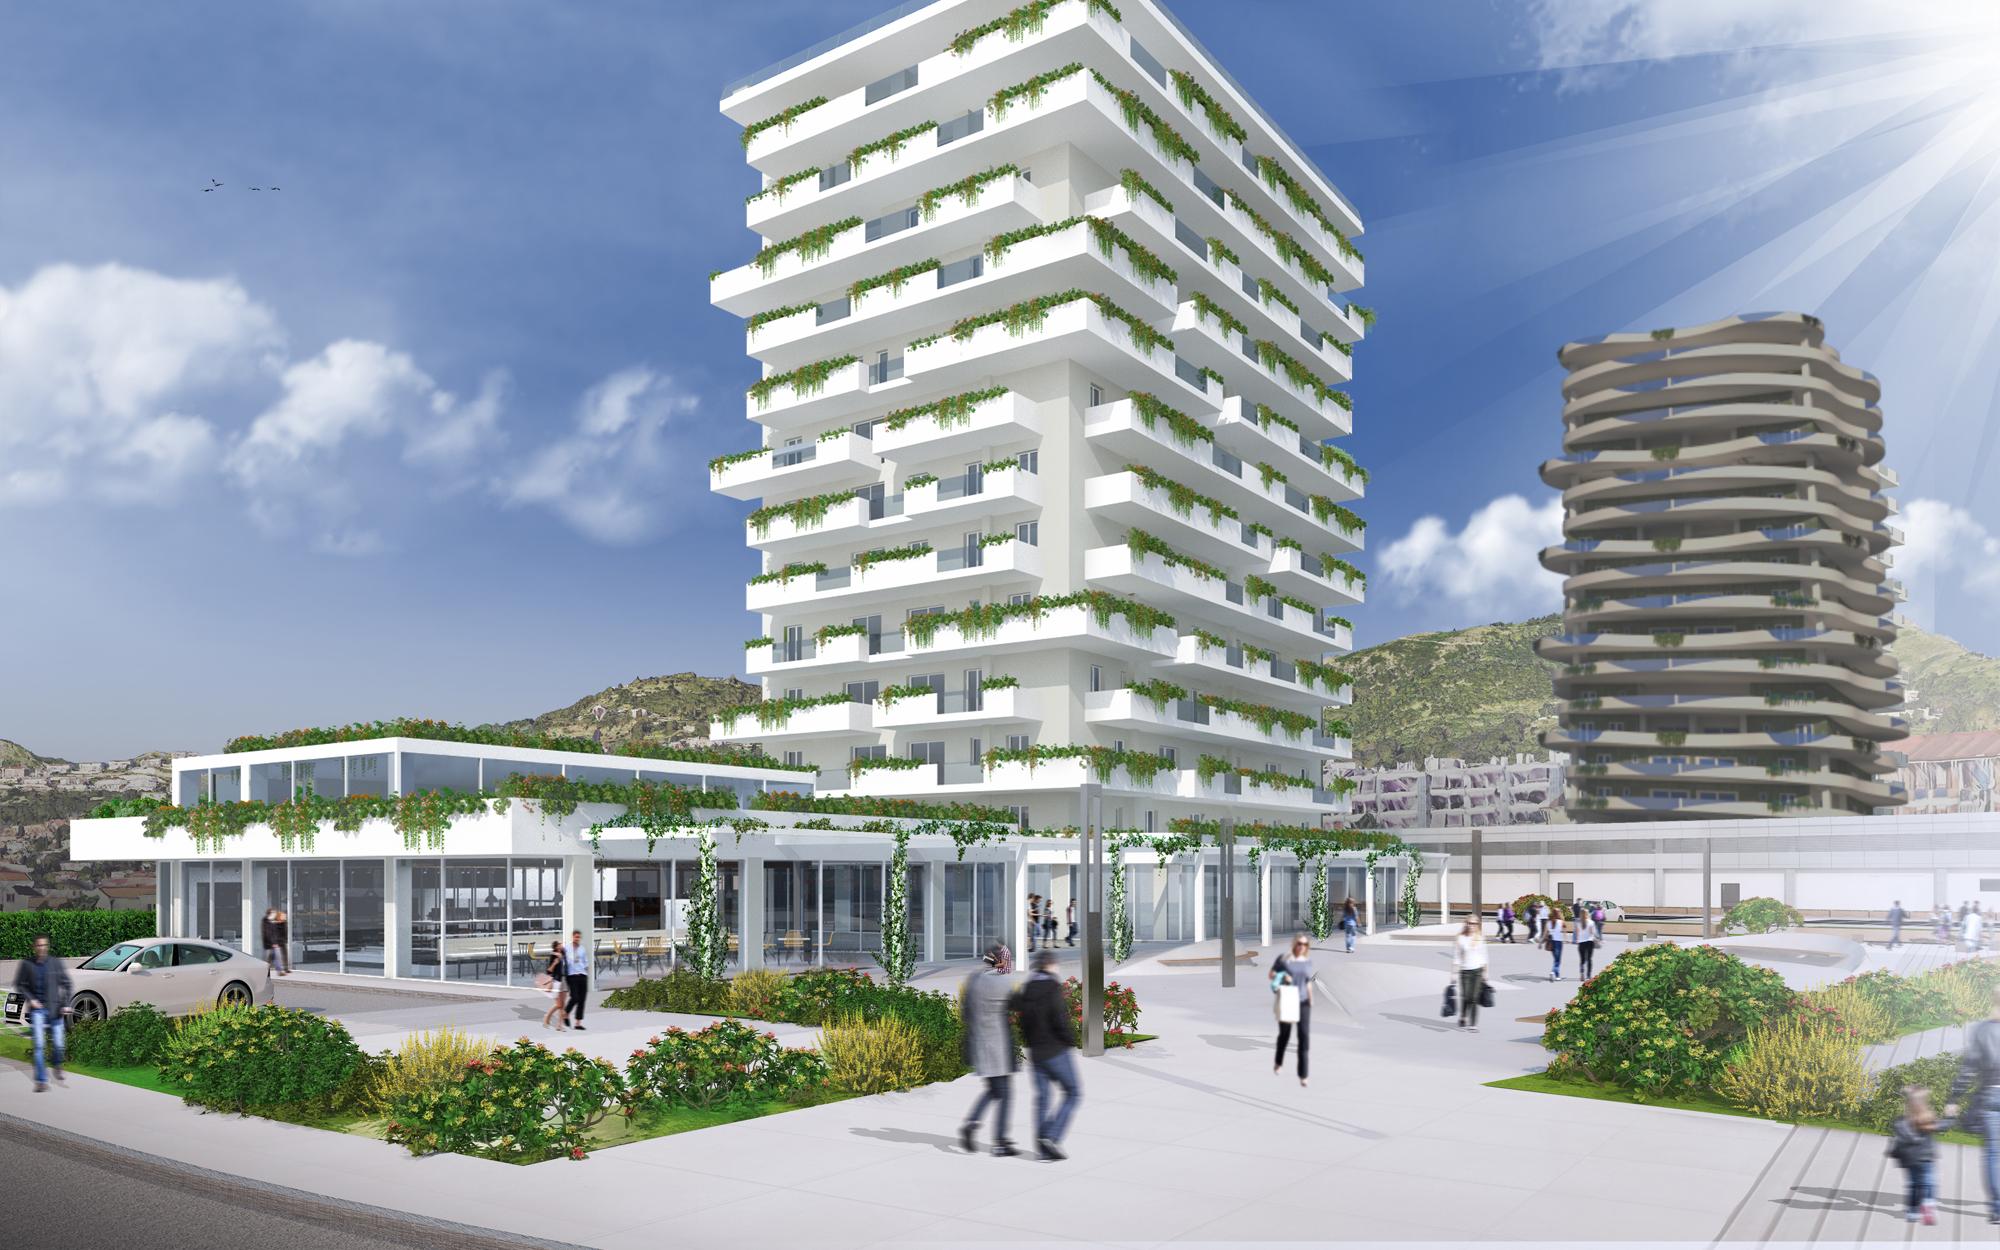 milara-srl-gruppo-postiglione-societa-di-costruzioni-e-vendita-appartamenti-immobili-residenziali-commerciali-cr28-torre-mare-arbostella-005